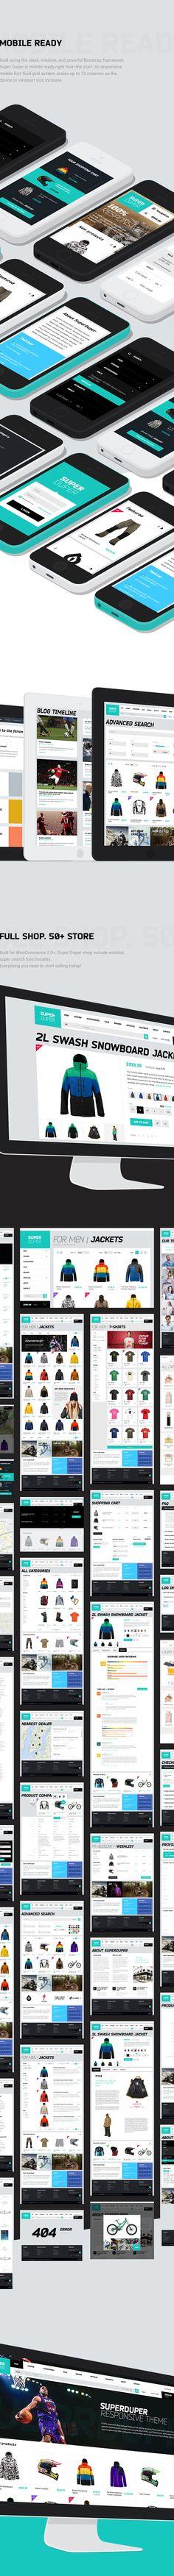 Web design / SUPER DUPER on Behance